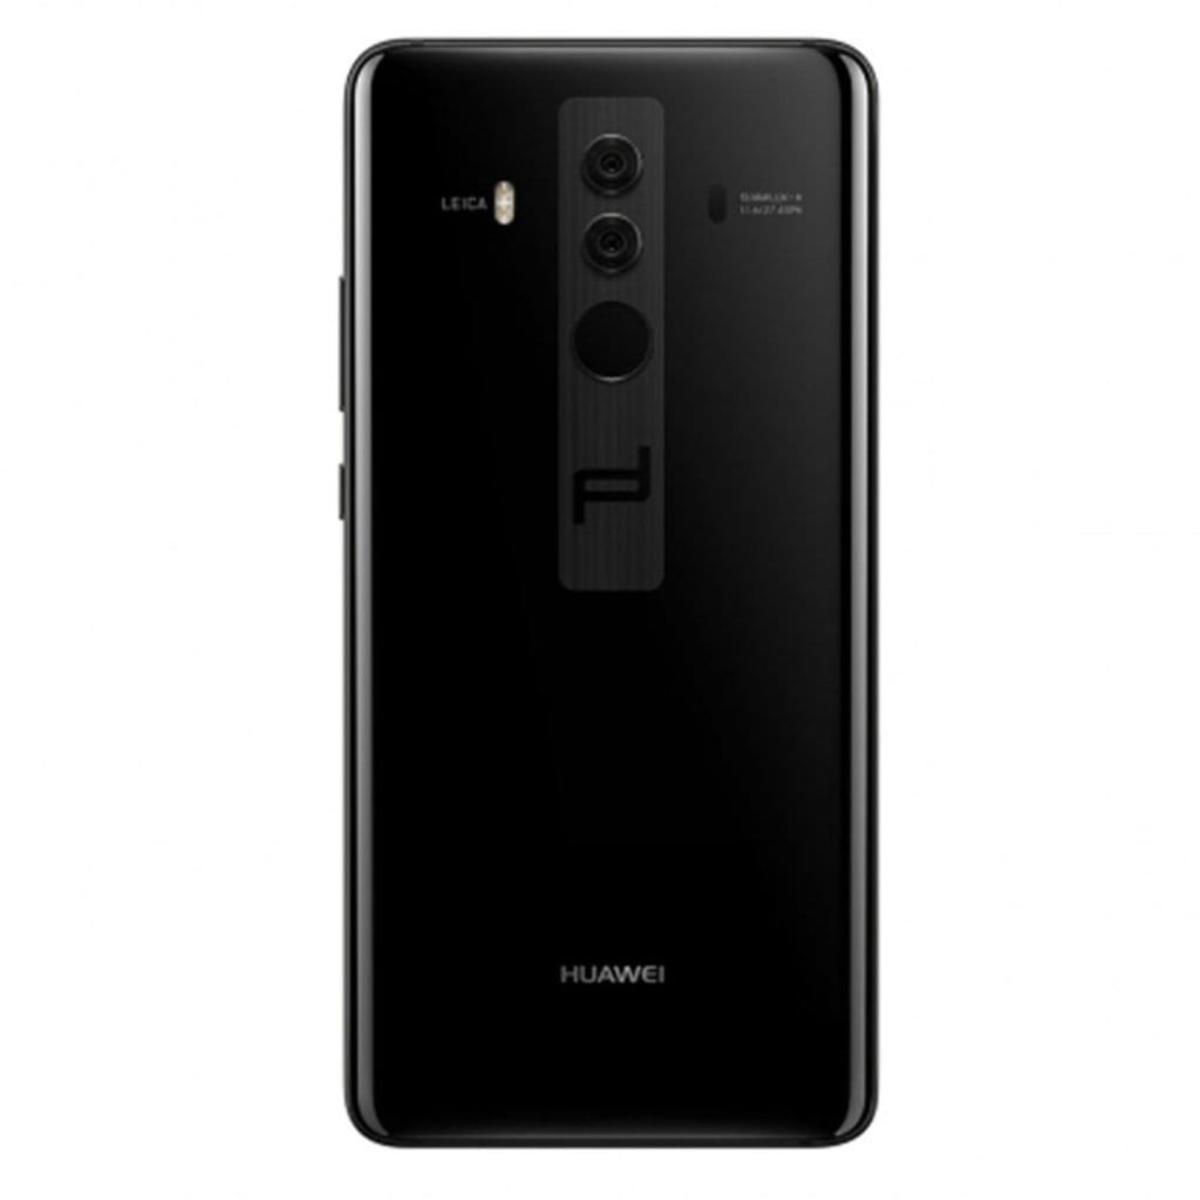 Bild 3 von Huawei Mate 10 Smartphone (5,9 Zoll) 256GB 6GB RAM Porsche Design, Farbe:schwarz